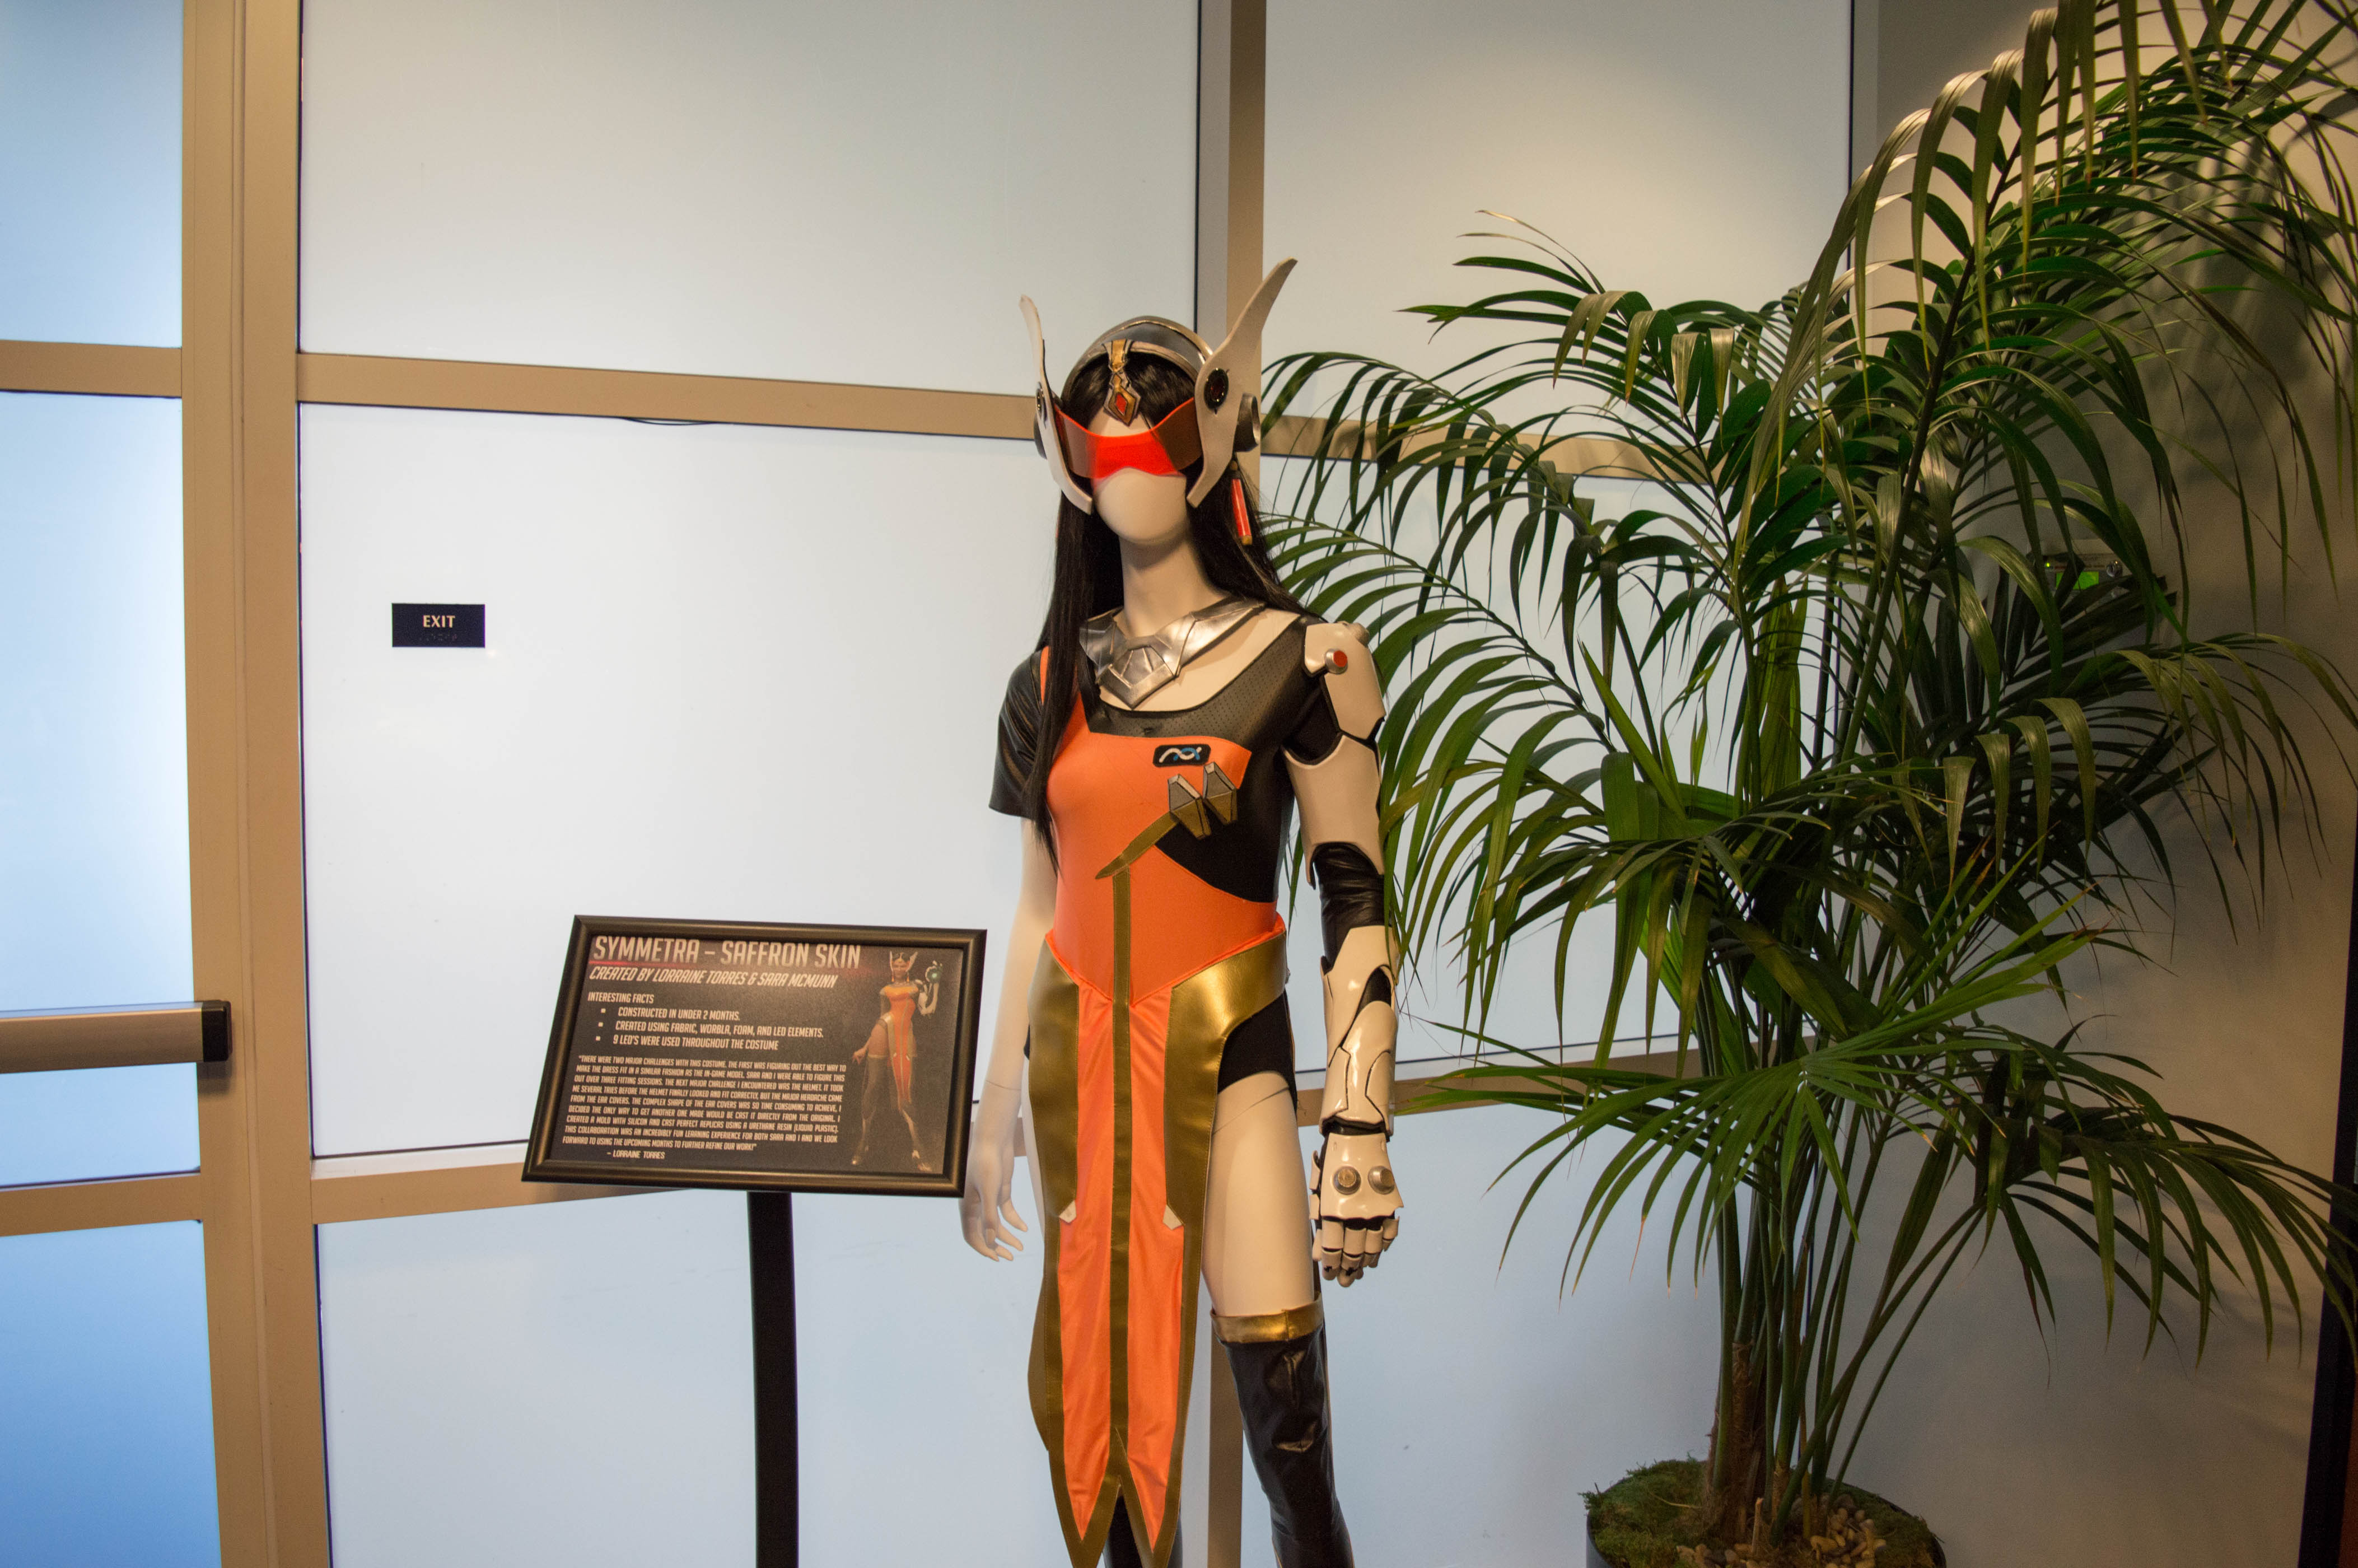 Swaps4's Bizarre Adventure Tour of Blizzard Entertainment 0081